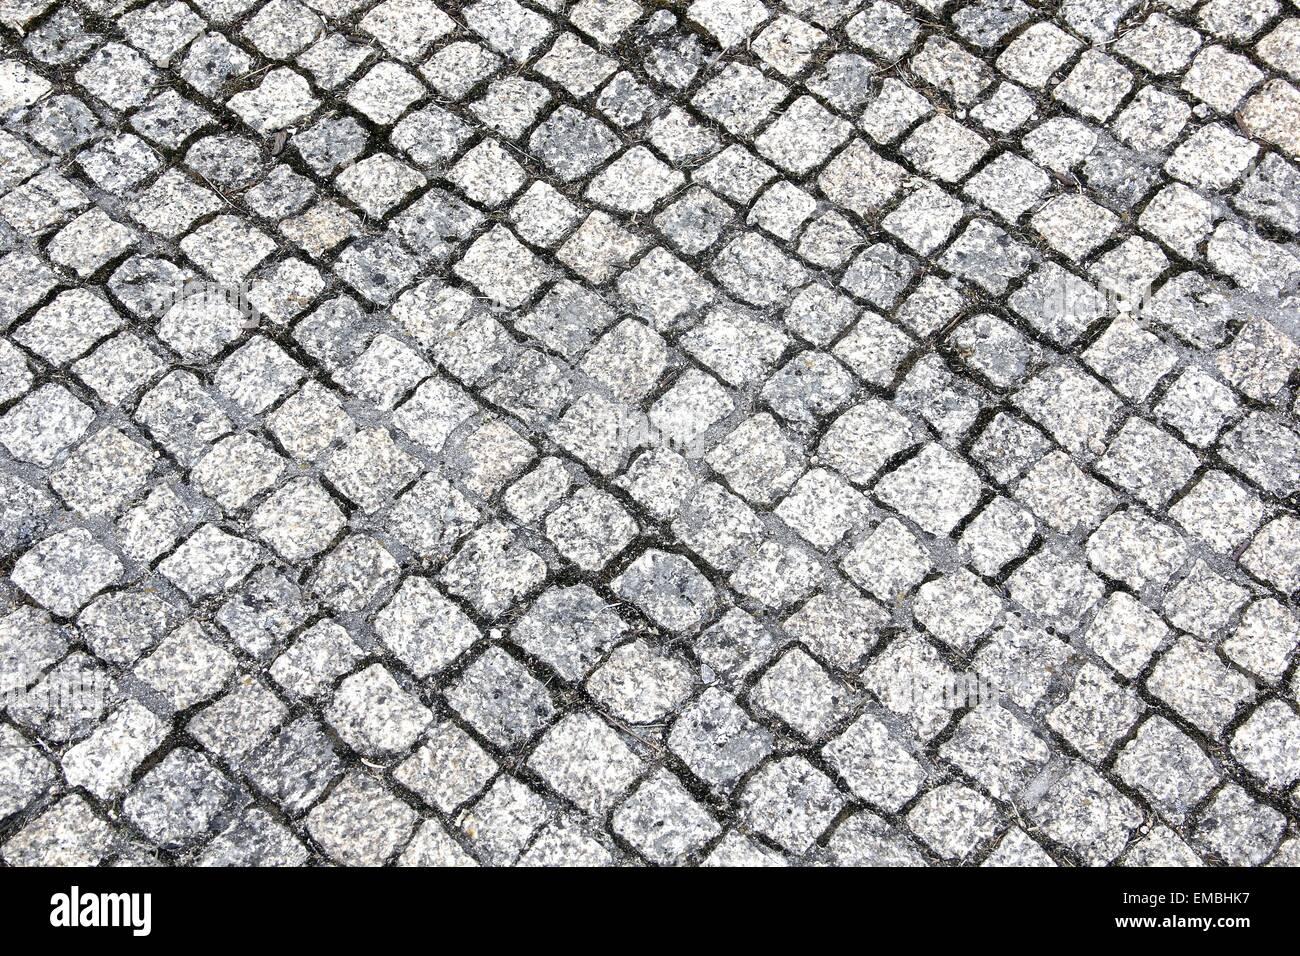 Fußboden Aus Stein ~ Stein boden stockfoto bild  alamy